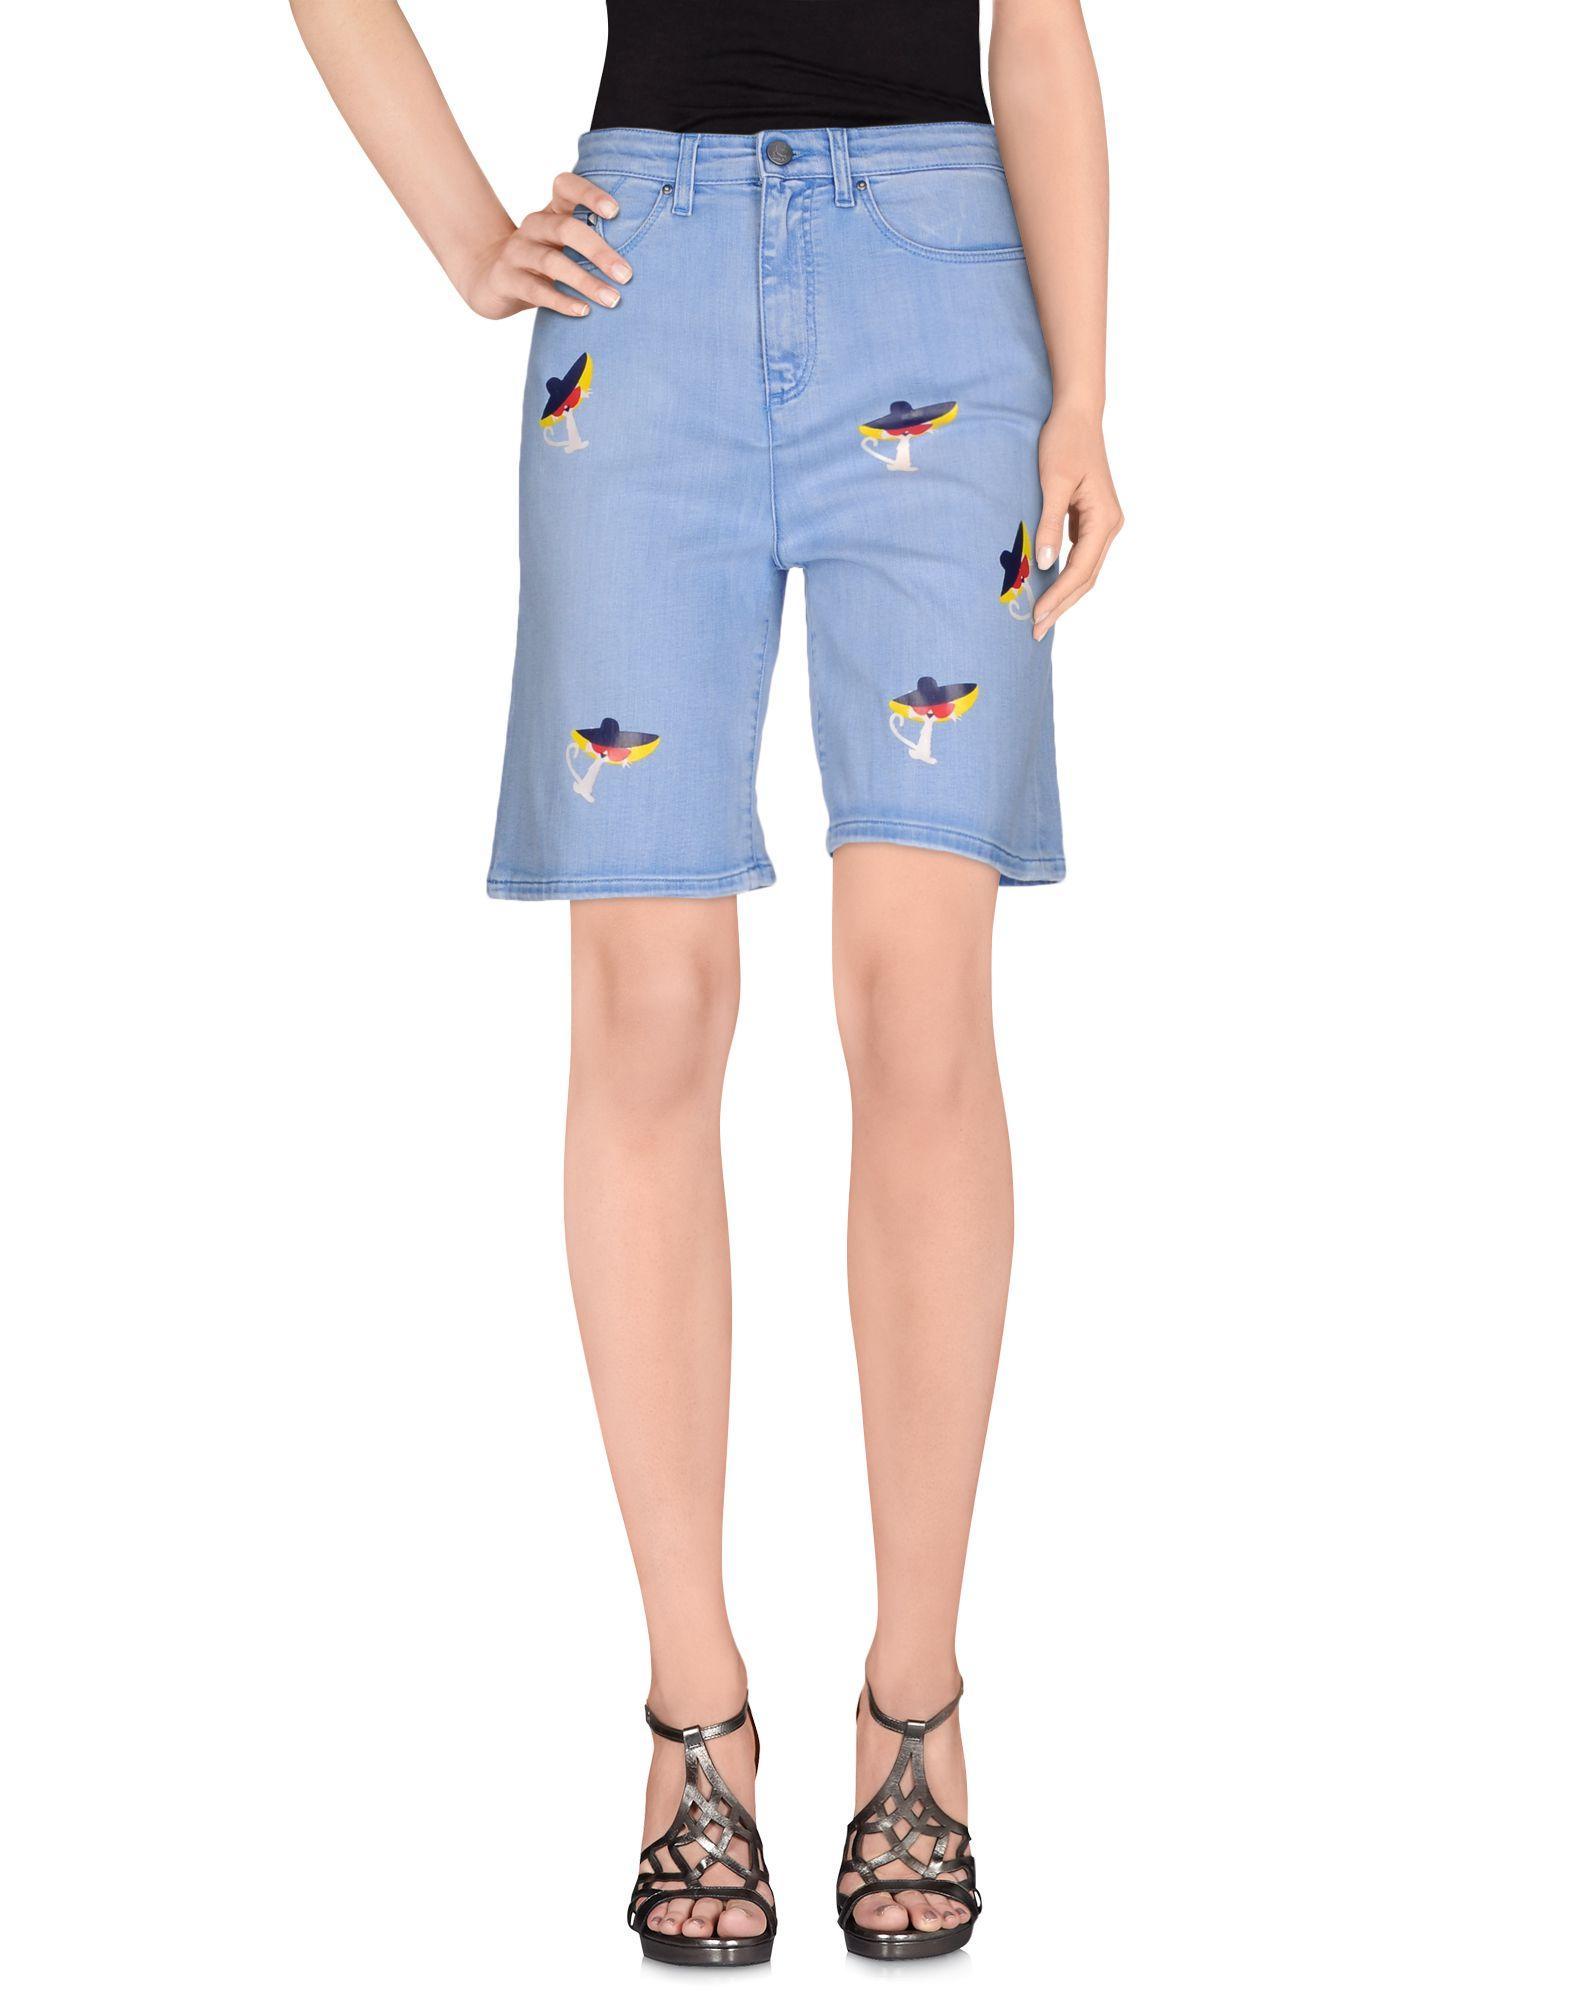 KARL LAGERFELD Джинсовые шорты шорты джинсовые karl lagerfeld kids шорты джинсовые